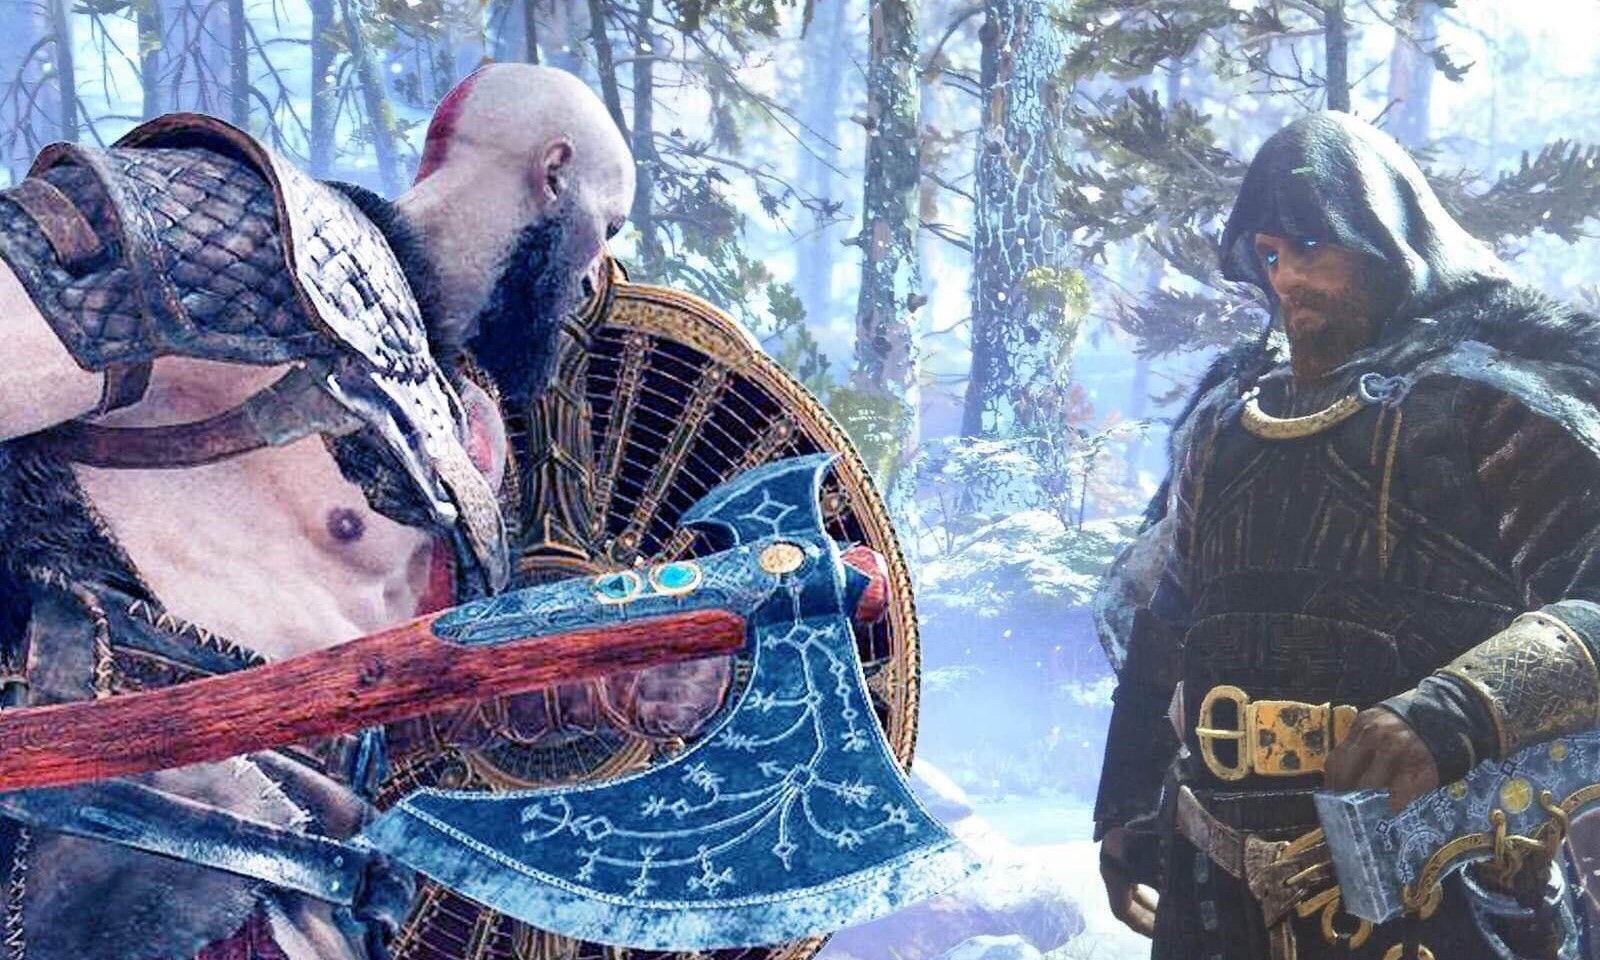 《战神:诸神黄昏》延期至 2022 年发行